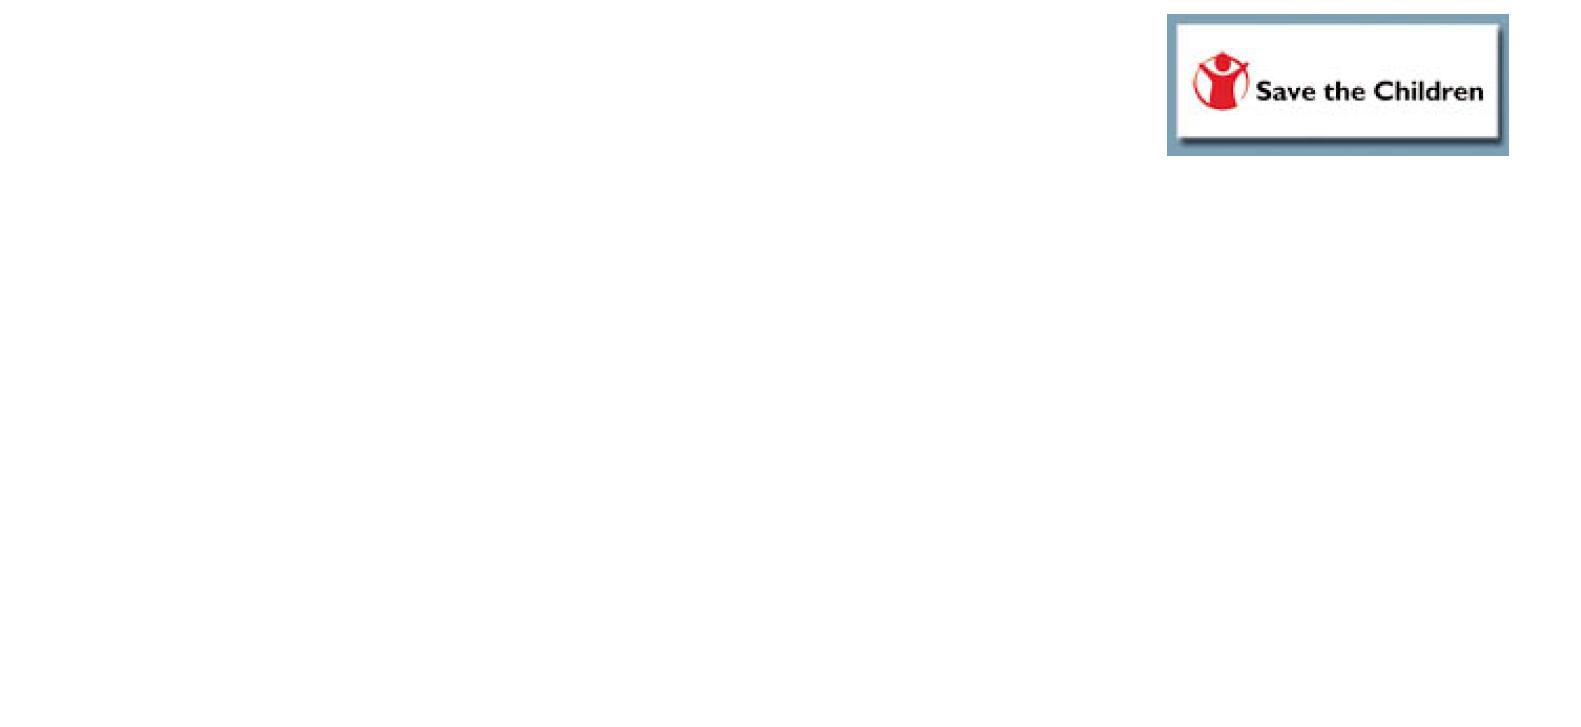 logosavechildren.png